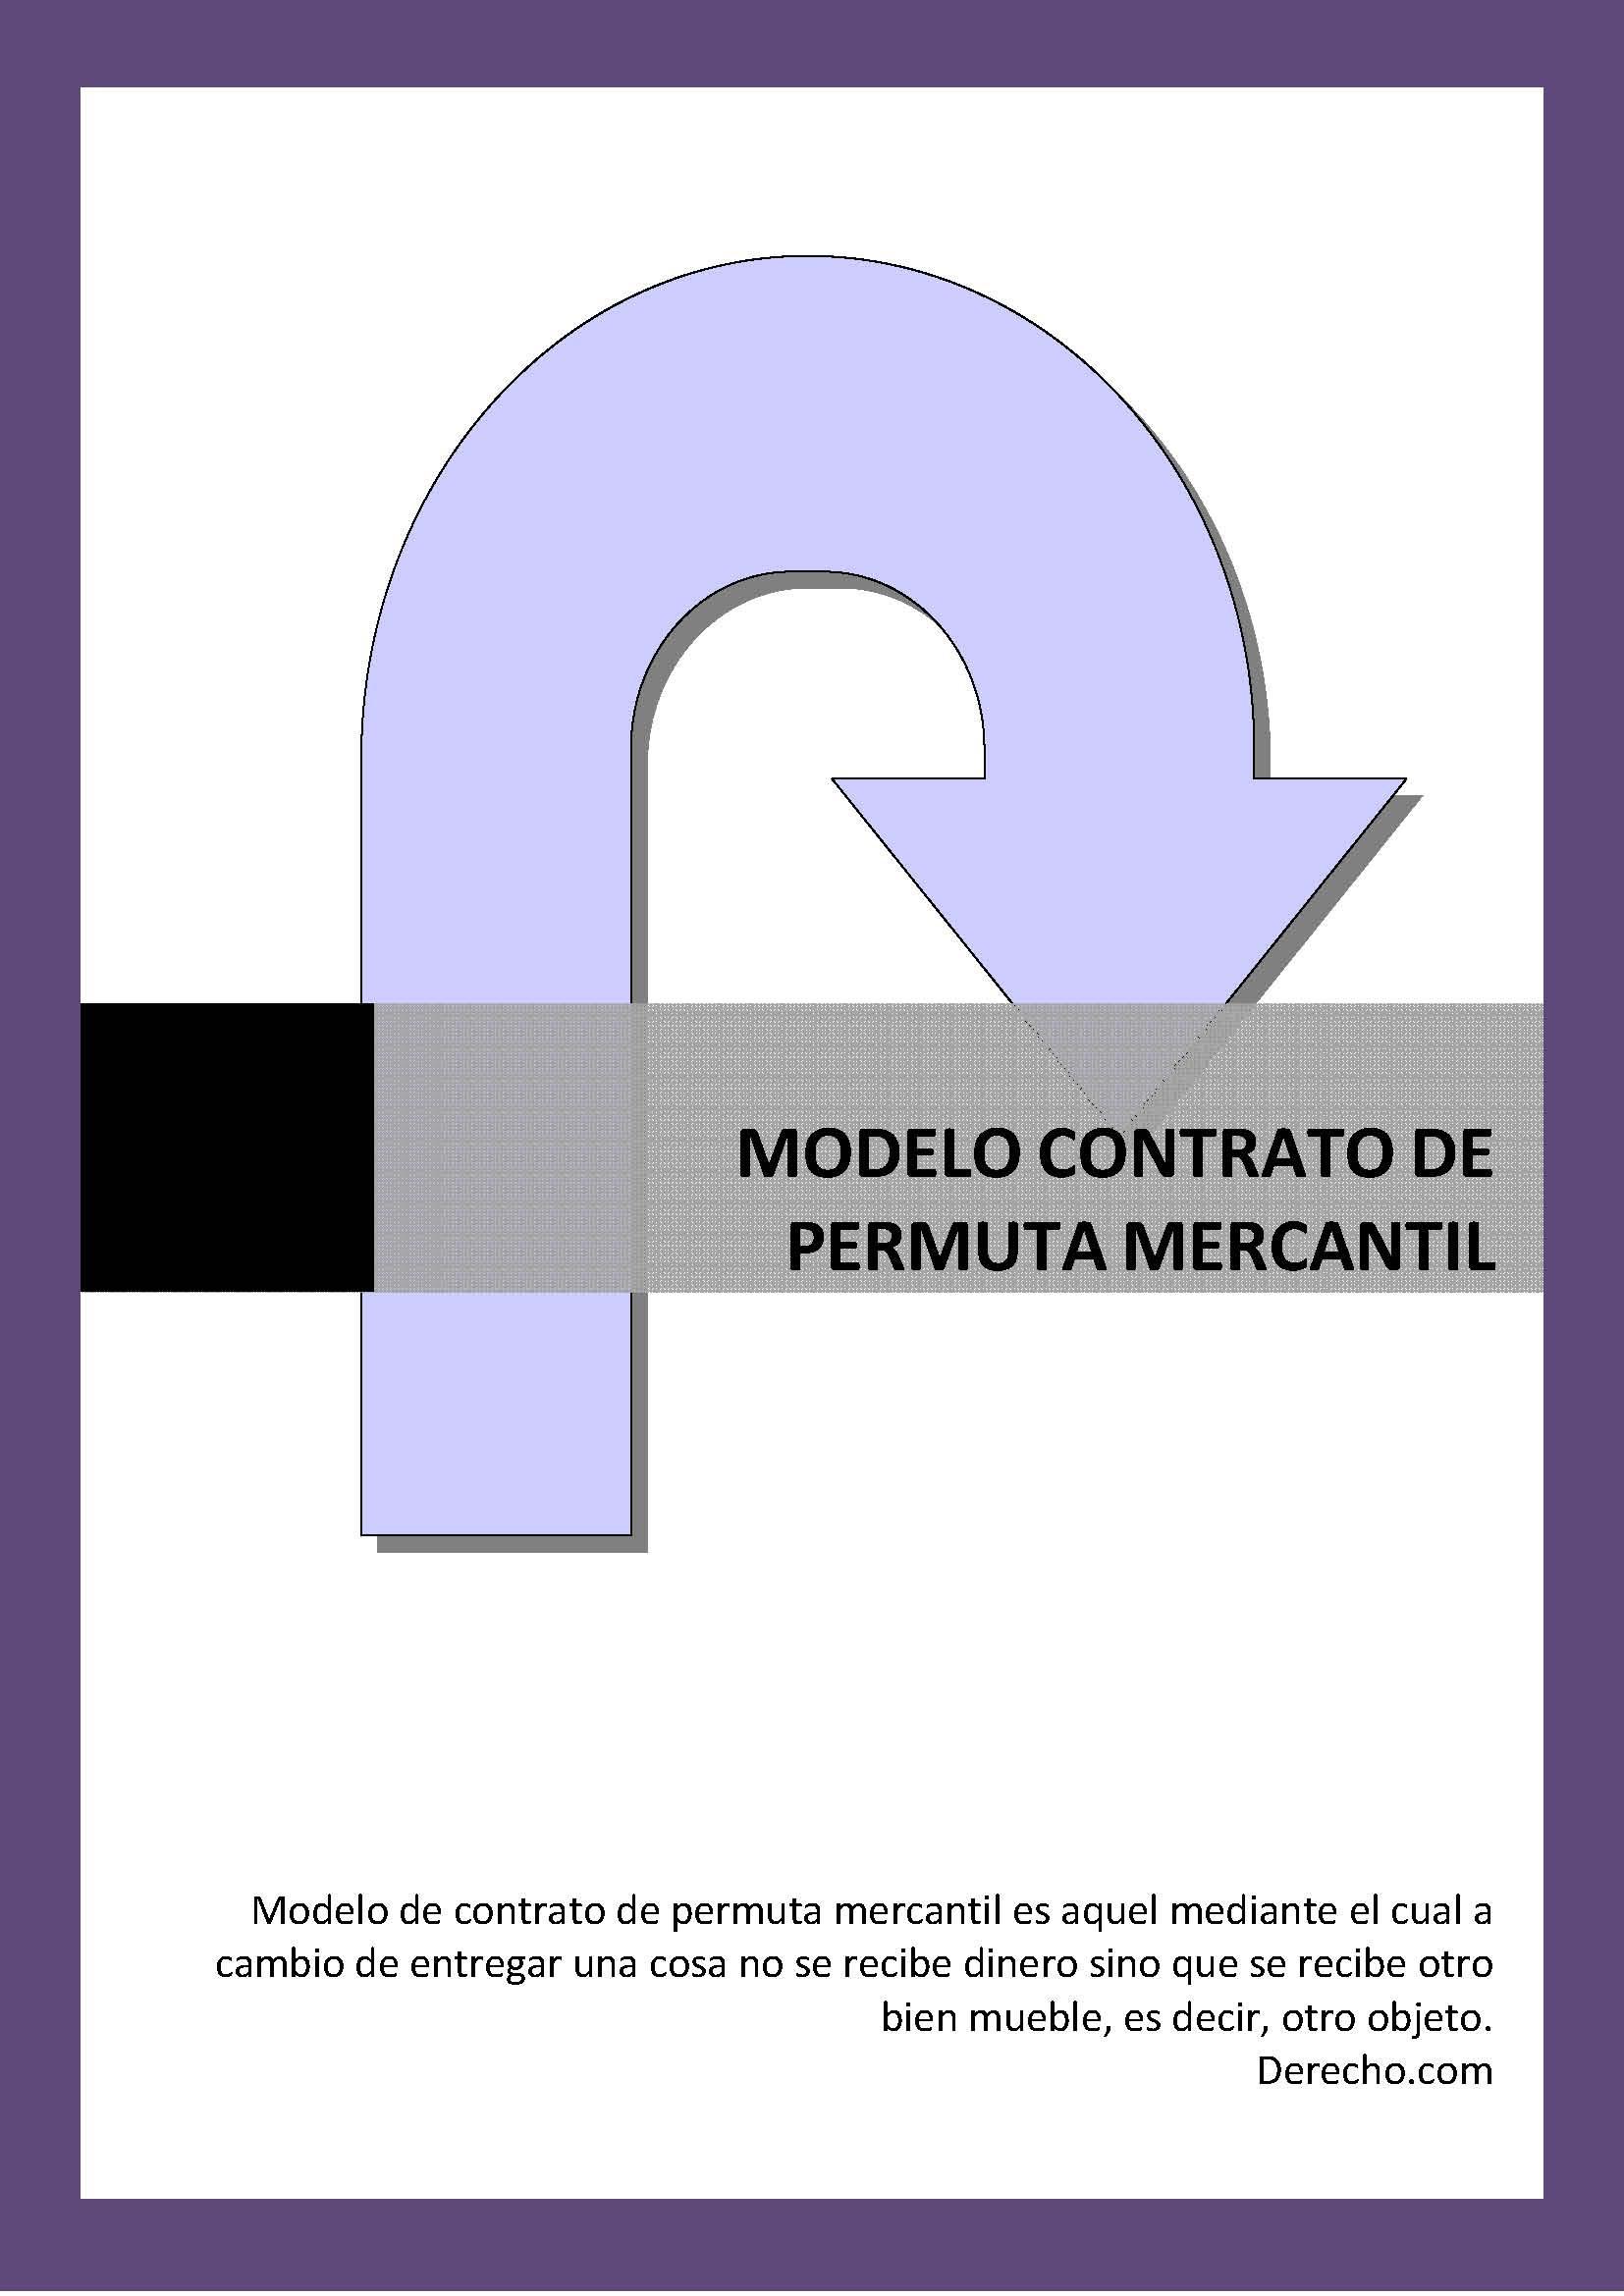 Contrato de permuta mercantil